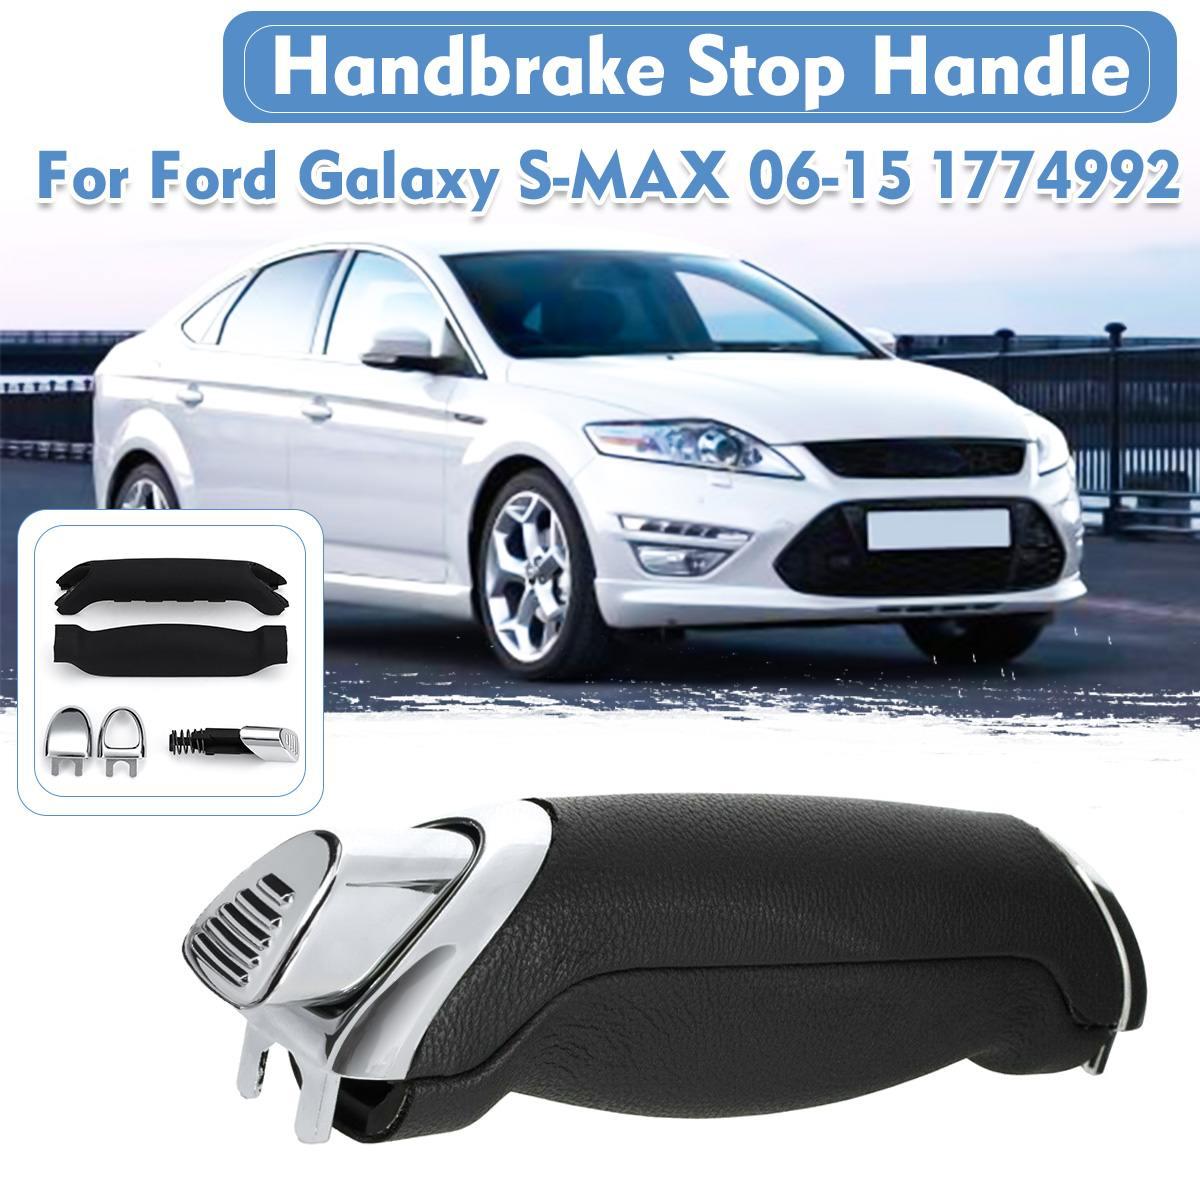 1 Set Gemakkelijk Installeren Parking Handrem Stop Handvat Lever Kit Voor Ford Voor Galaxy Voor S-MAX 2006-2015 1774992 auto Accessoires